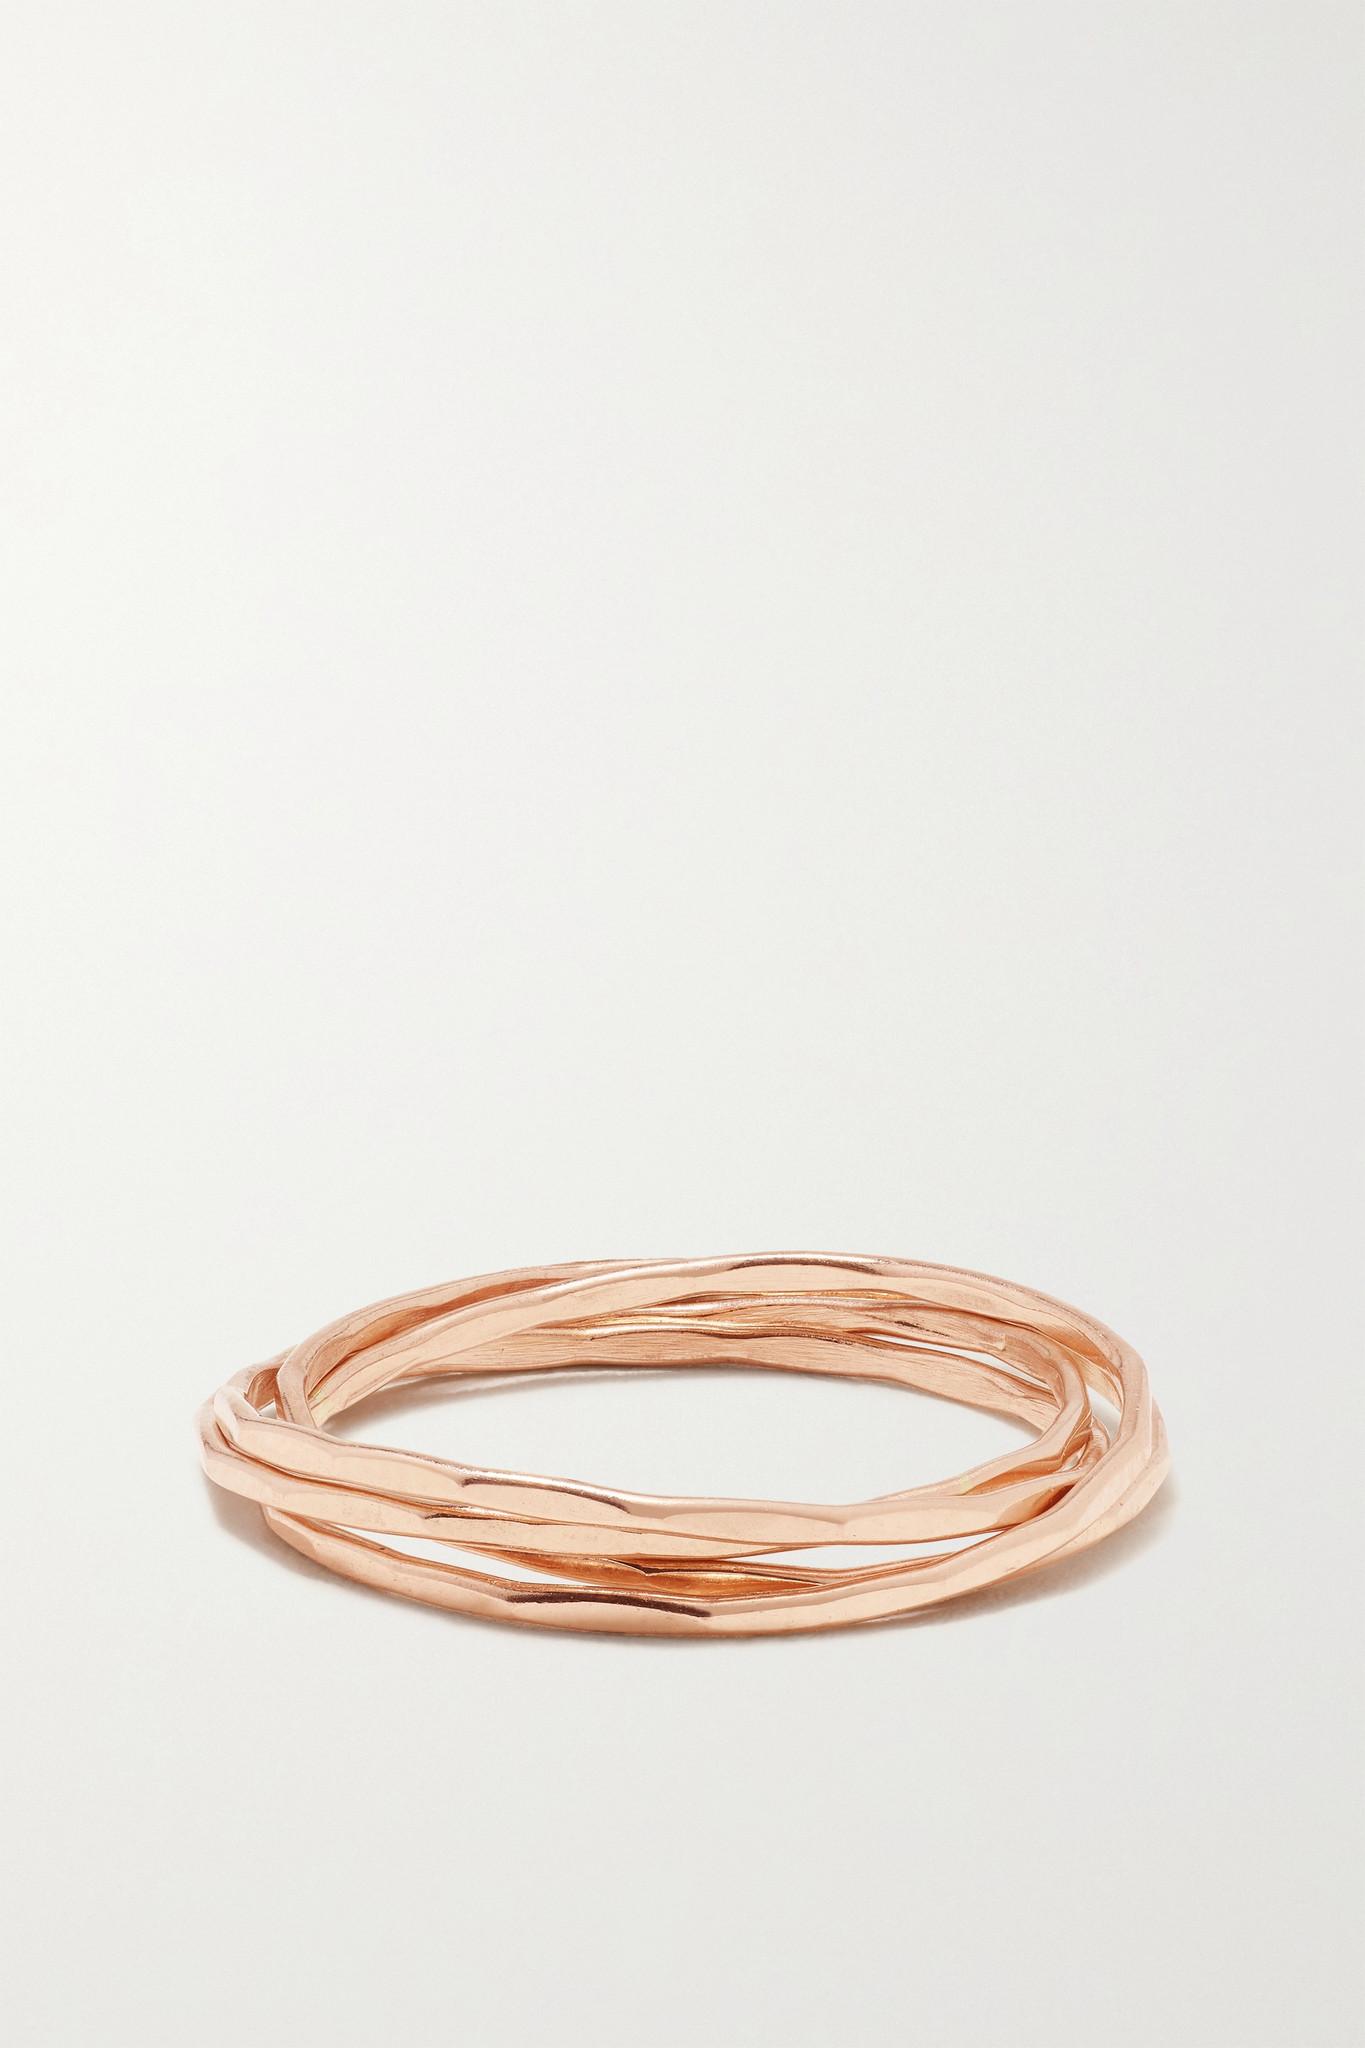 MELISSA JOY MANNING - 14-karat Recycled Rose Gold Interlocking Ring - 6